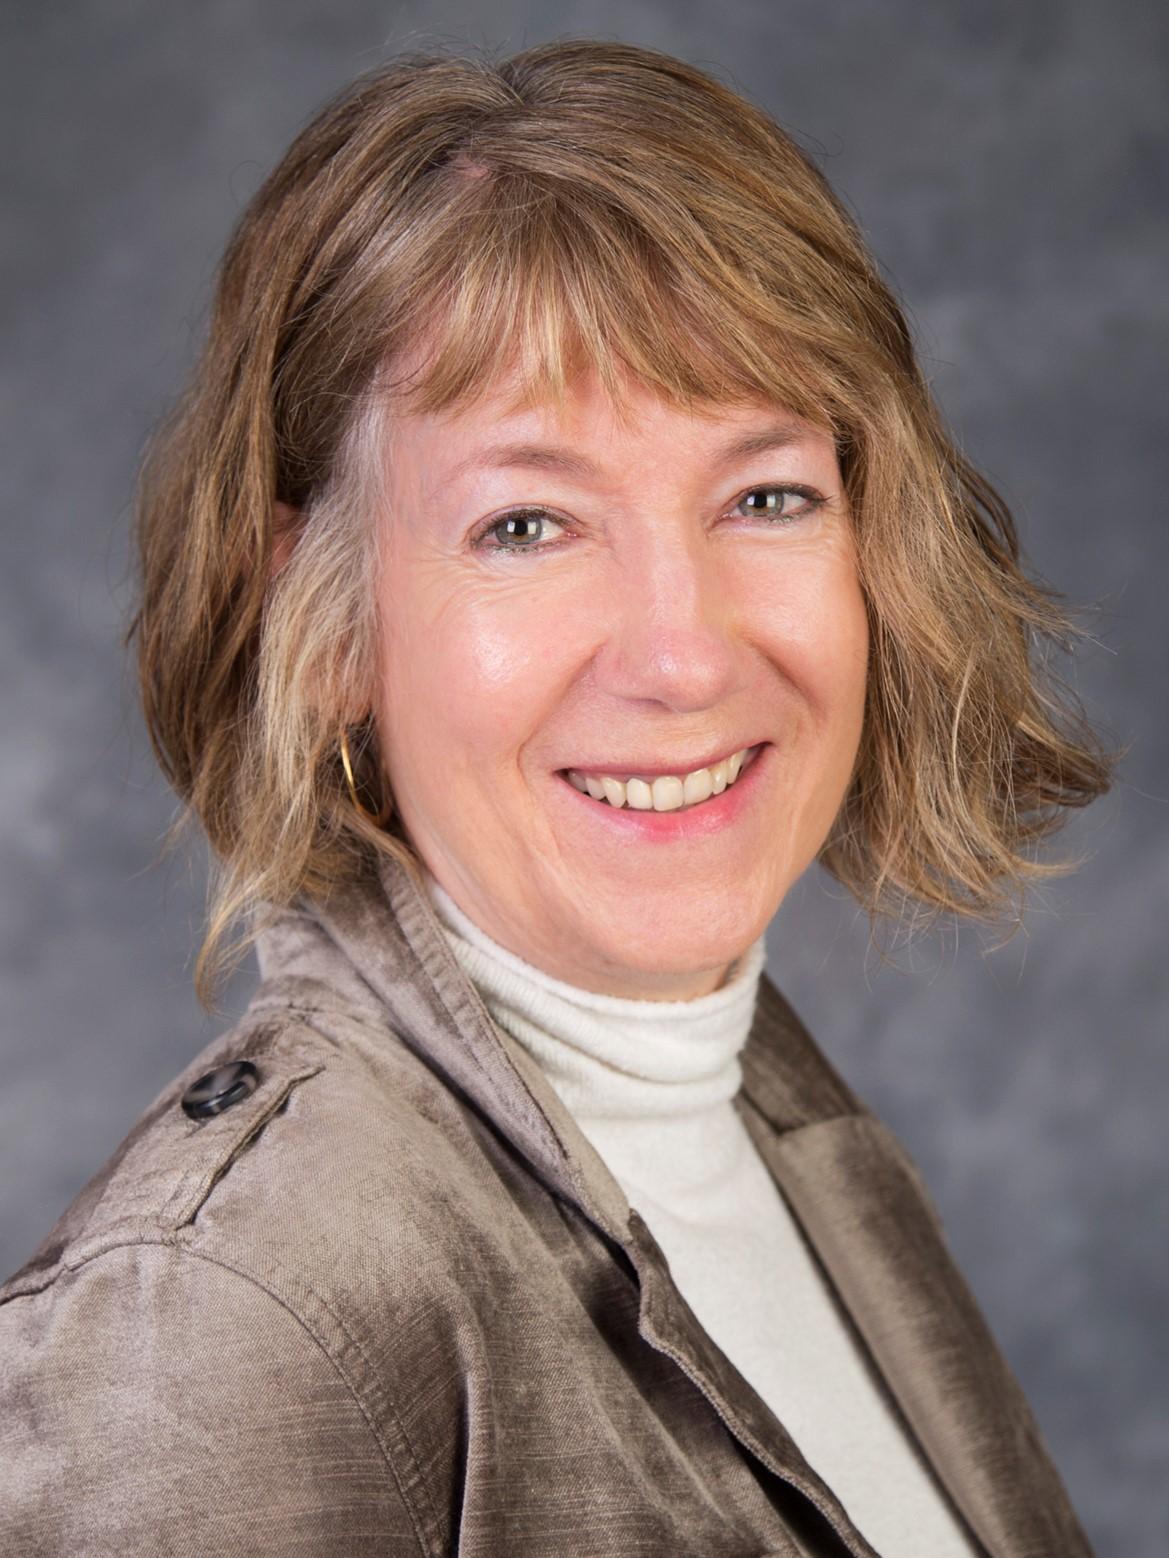 AlisonGerlach